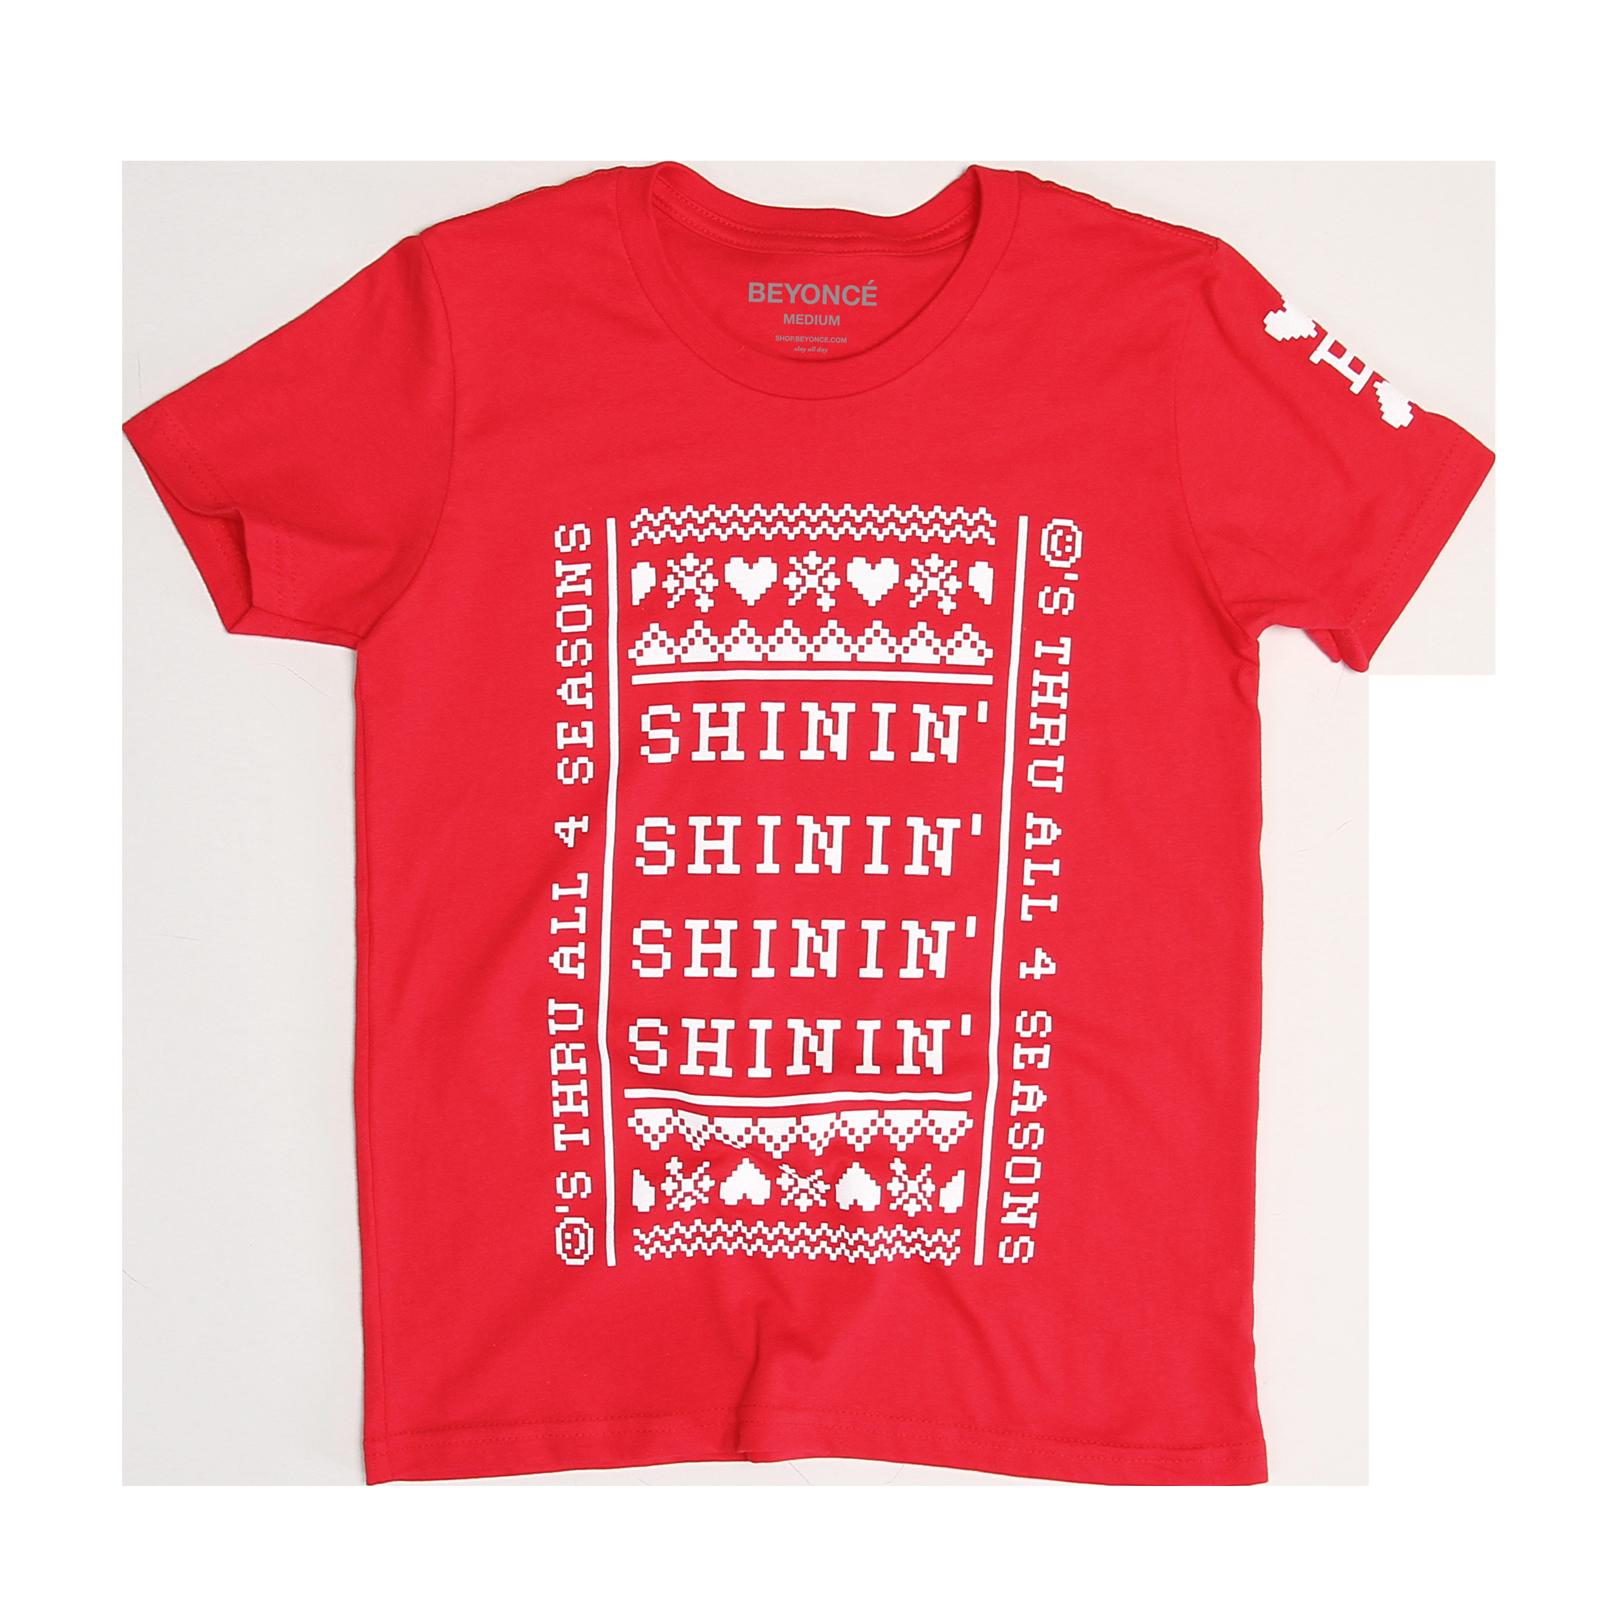 Shinin' T-Shirt $25